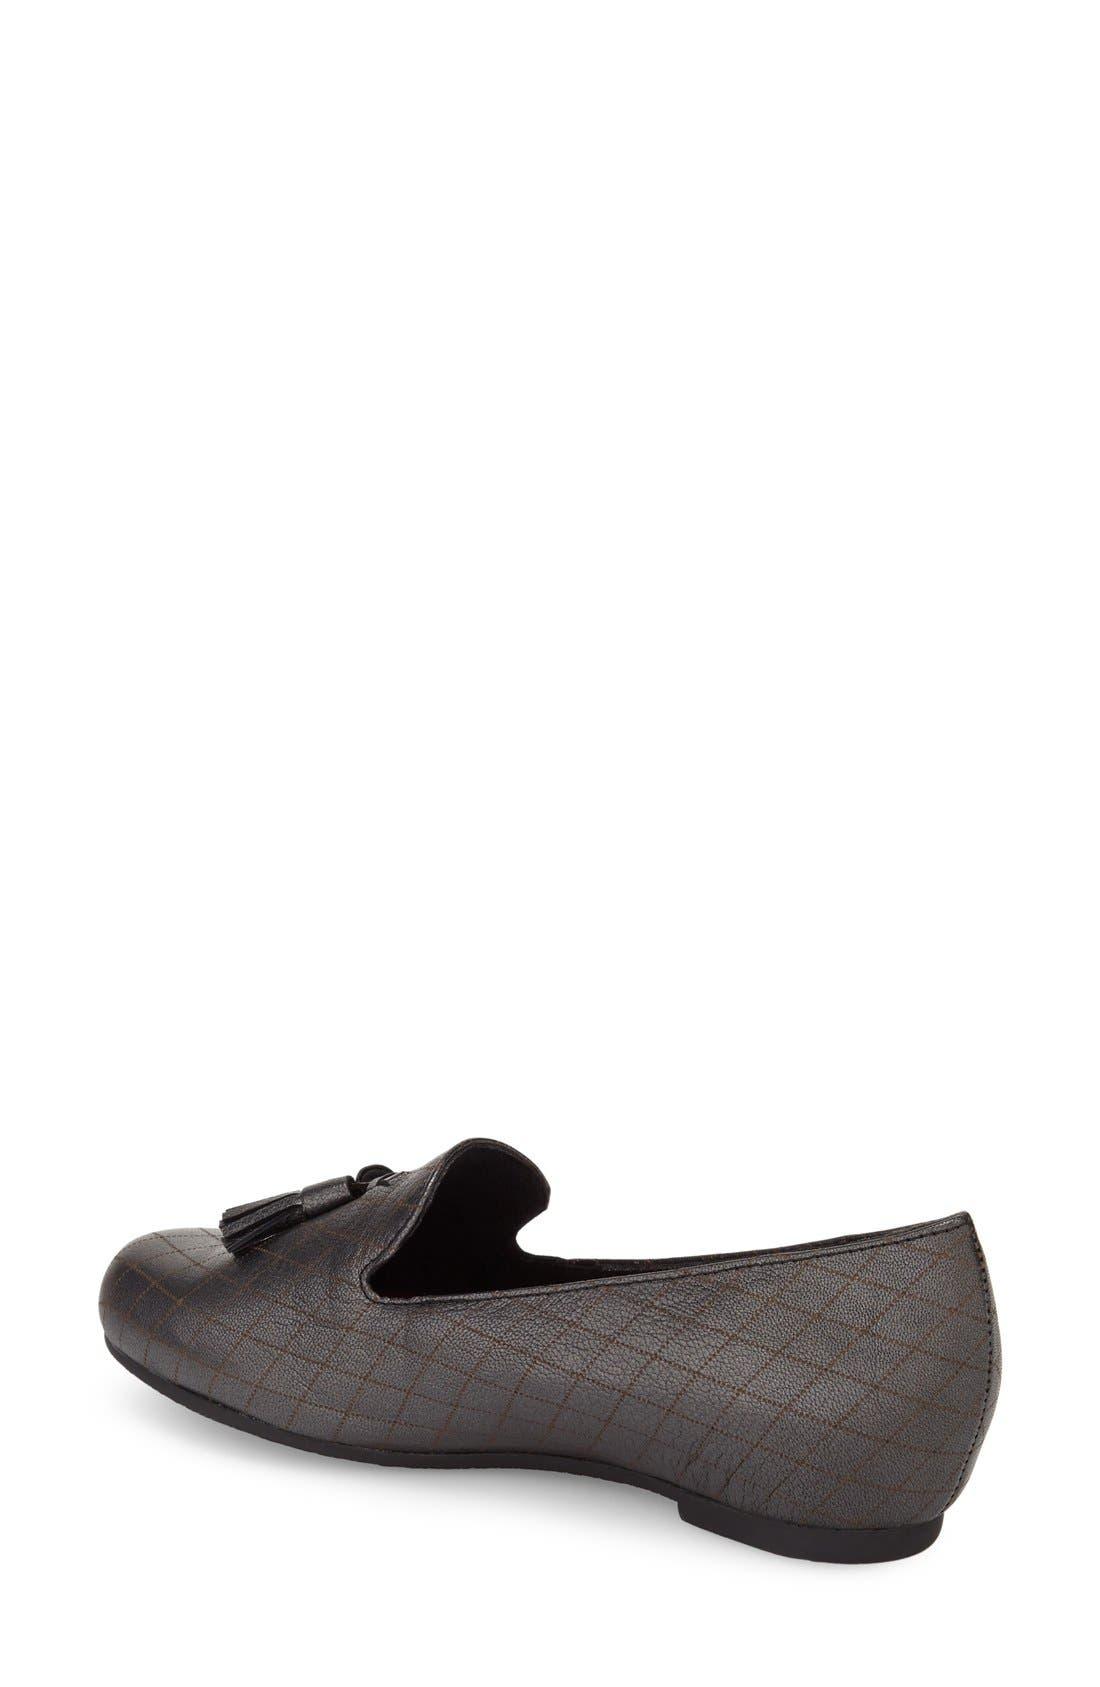 Tallie Tassel Loafer,                             Alternate thumbnail 2, color,                             Black Graphite Leather